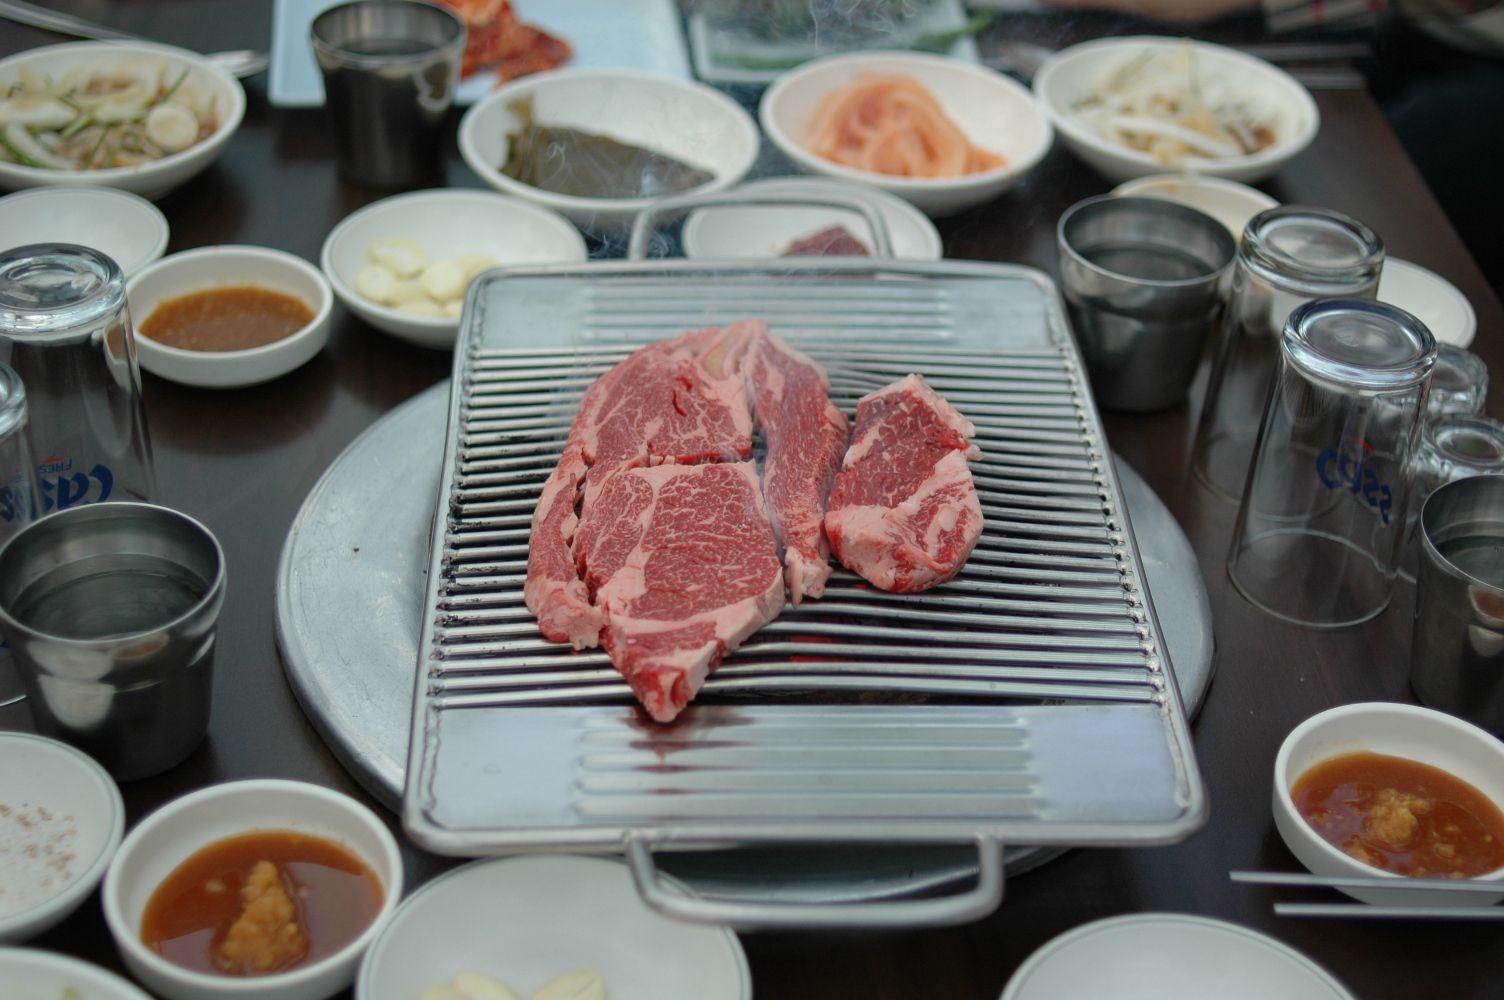 부드럽고 맛있는 청계산장 한우등심--성남시 수정구 상적동 212-5 031-723-9938